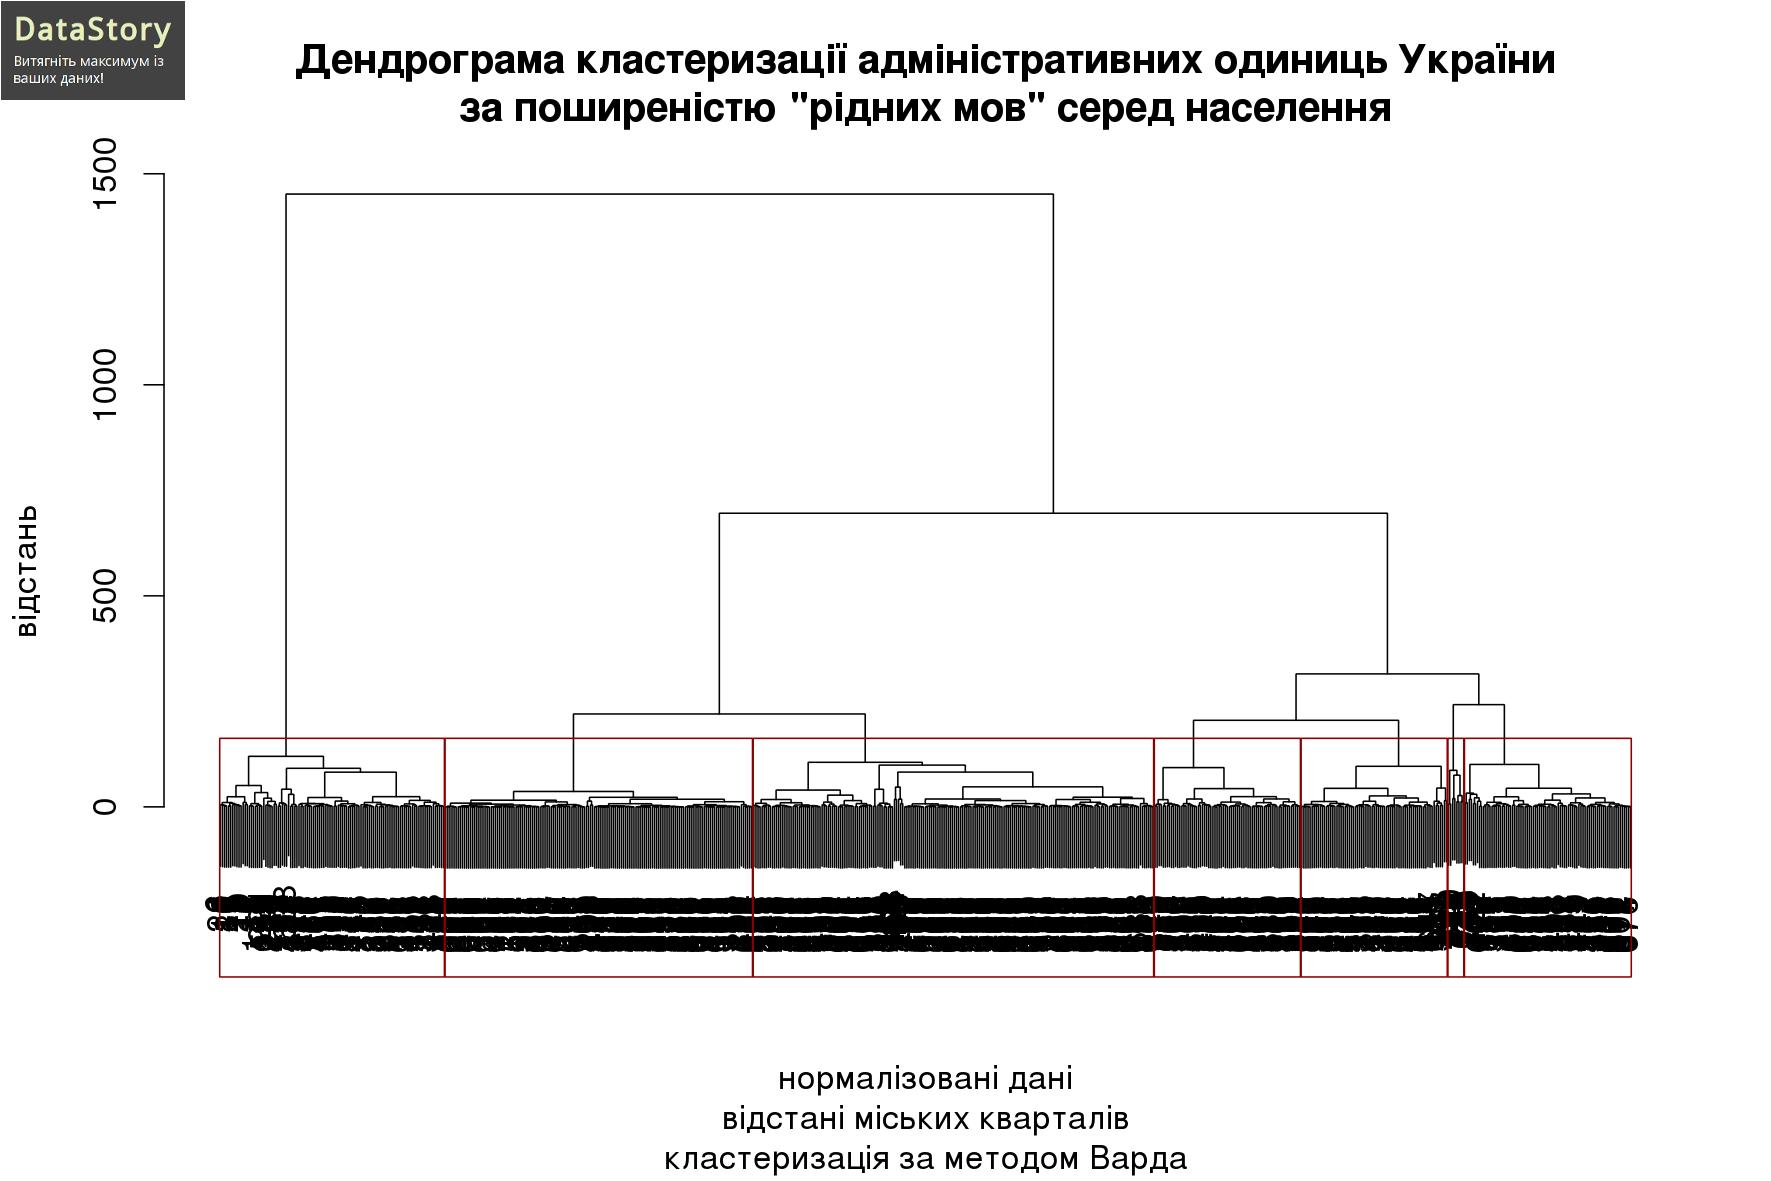 """Дендрограма кластеризації адміністративних одиниць України за поширеністю """"рідних мов"""" серед населення"""